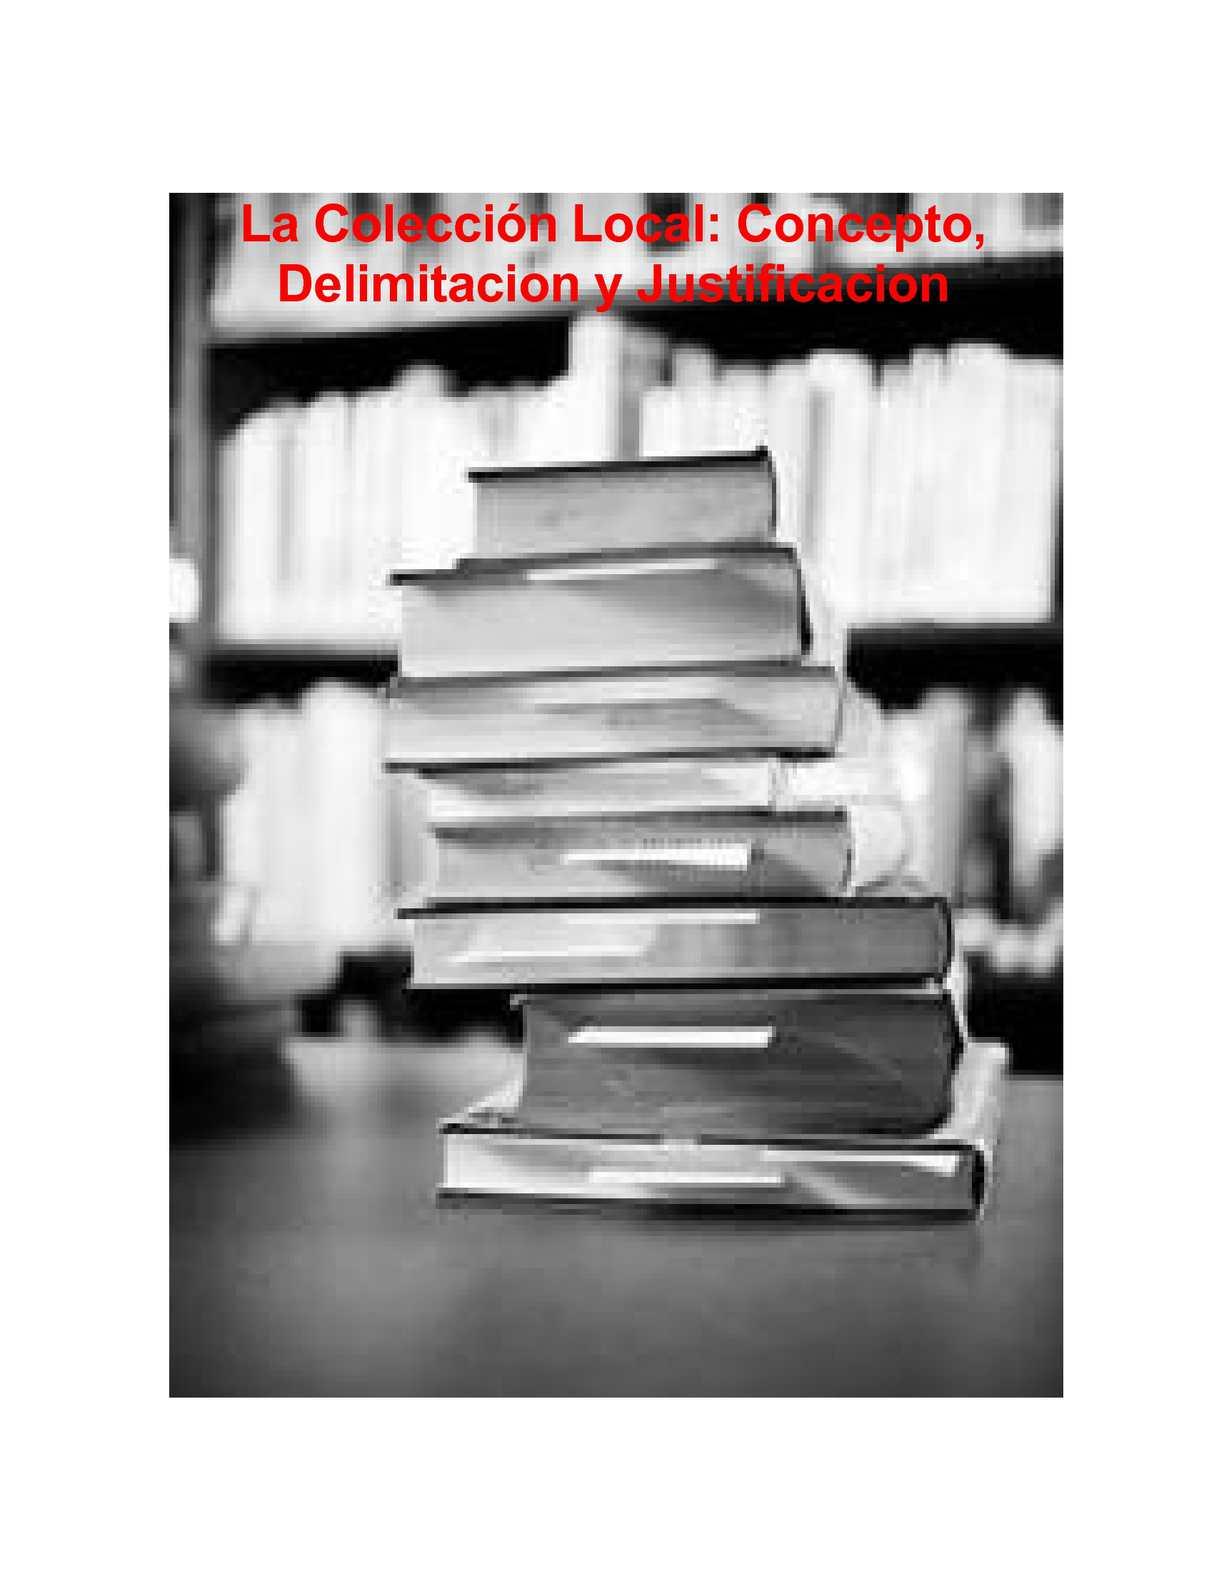 Calaméo - La Colección local  Concepto 472fed2a7a6